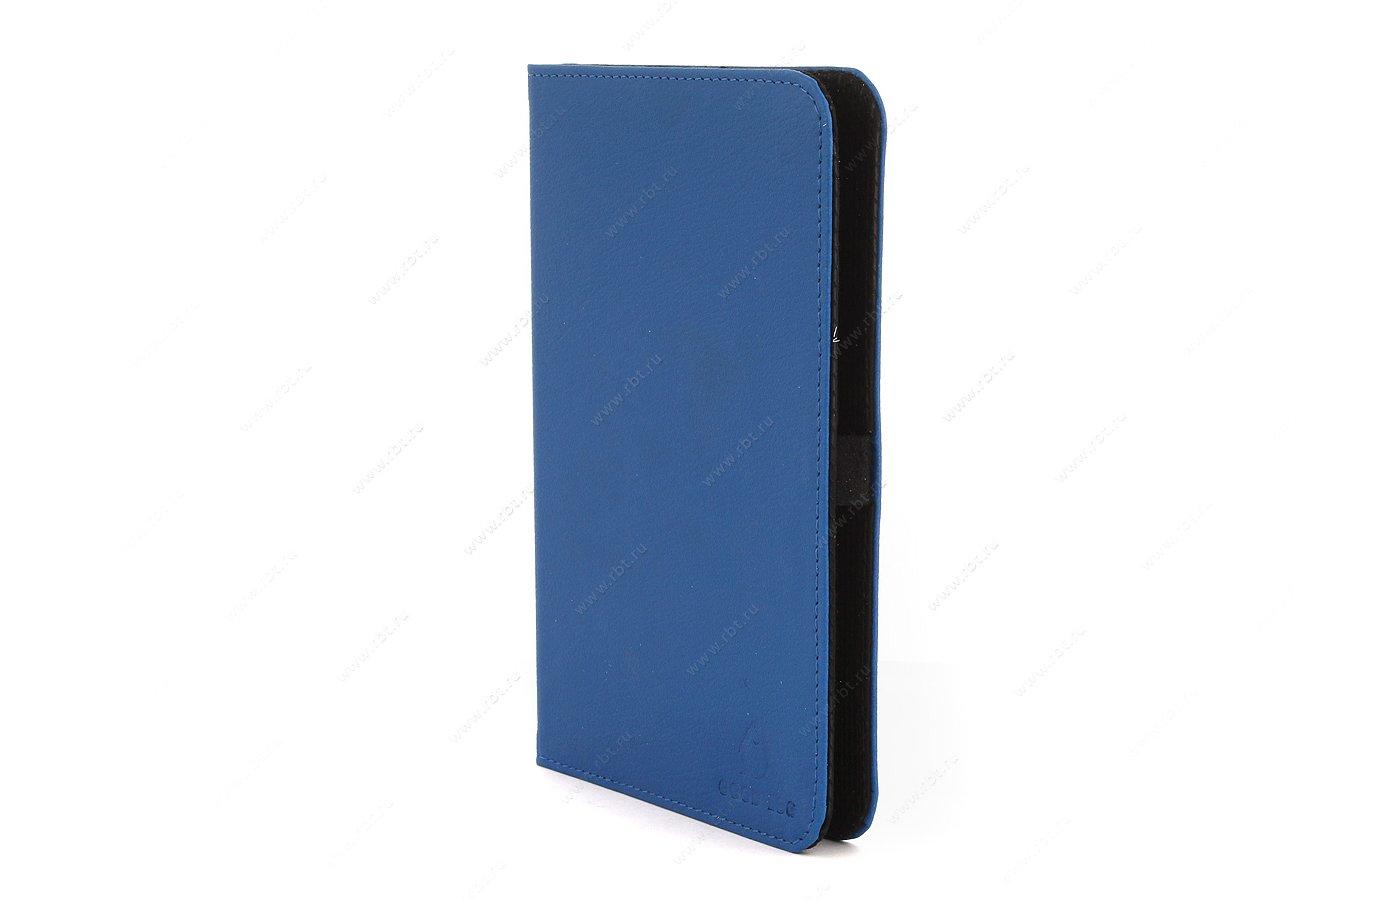 Чехол GoodEgg для PocketBook 614/624/626/640 кожа синий (GE-PB624LIR2227)